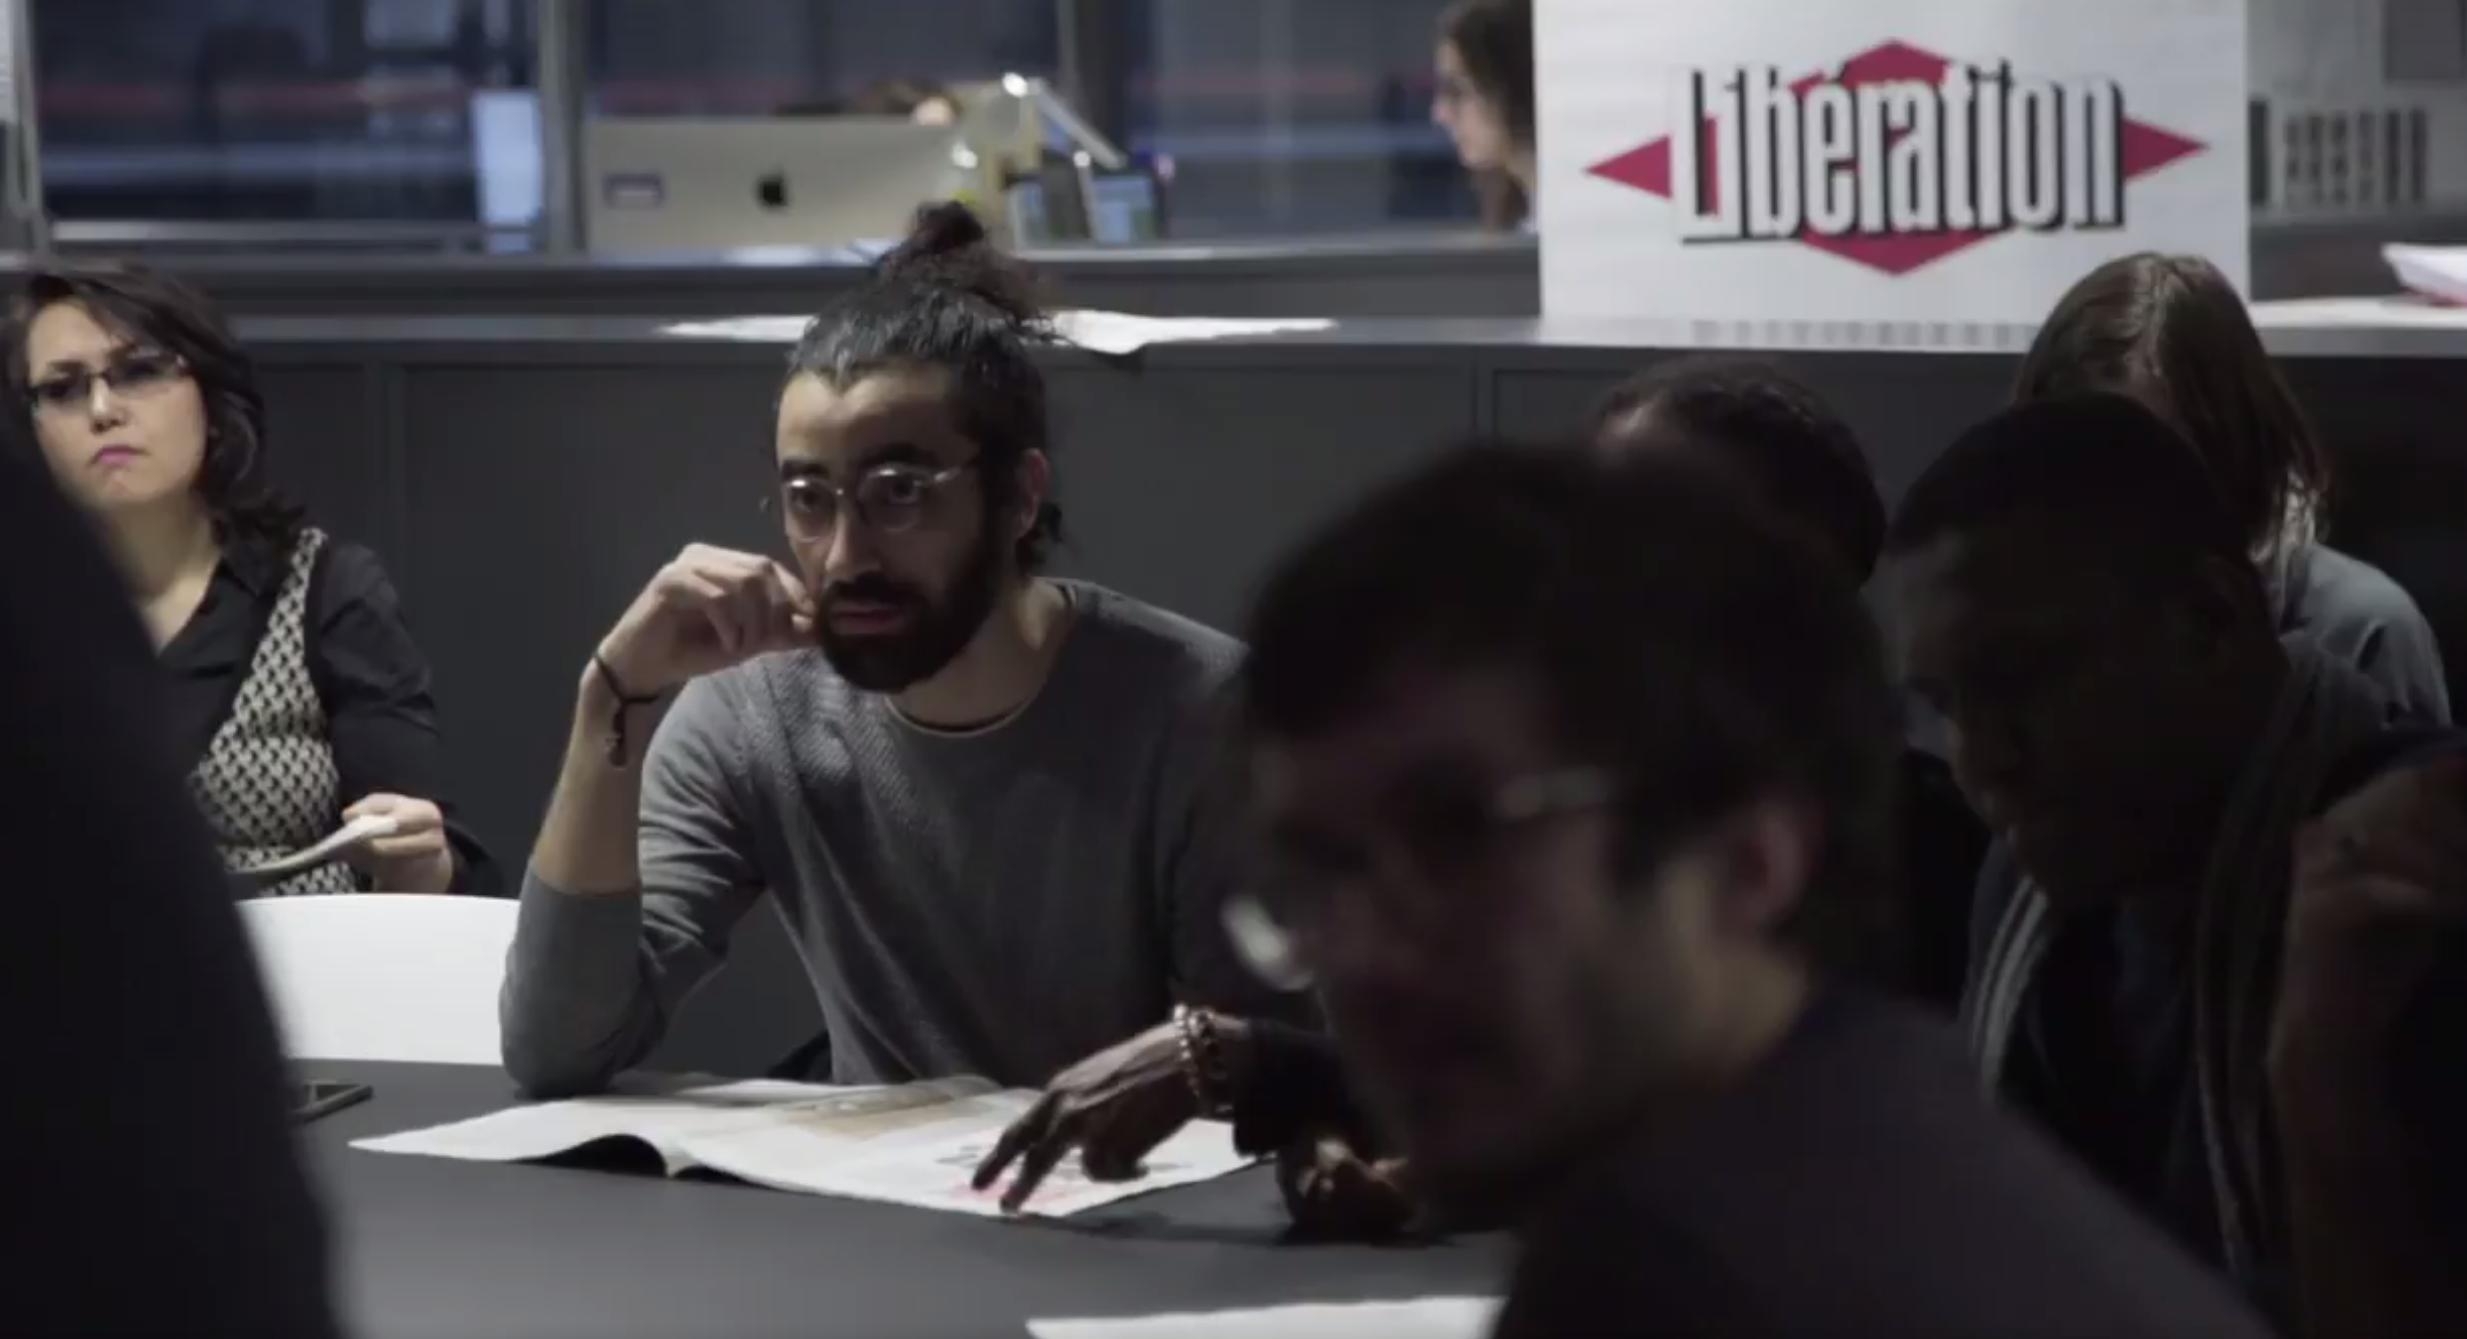 Per i rifugiati, ma non sui rifugiati. L'edizione di Libération scritta da 21 titolari di protezione